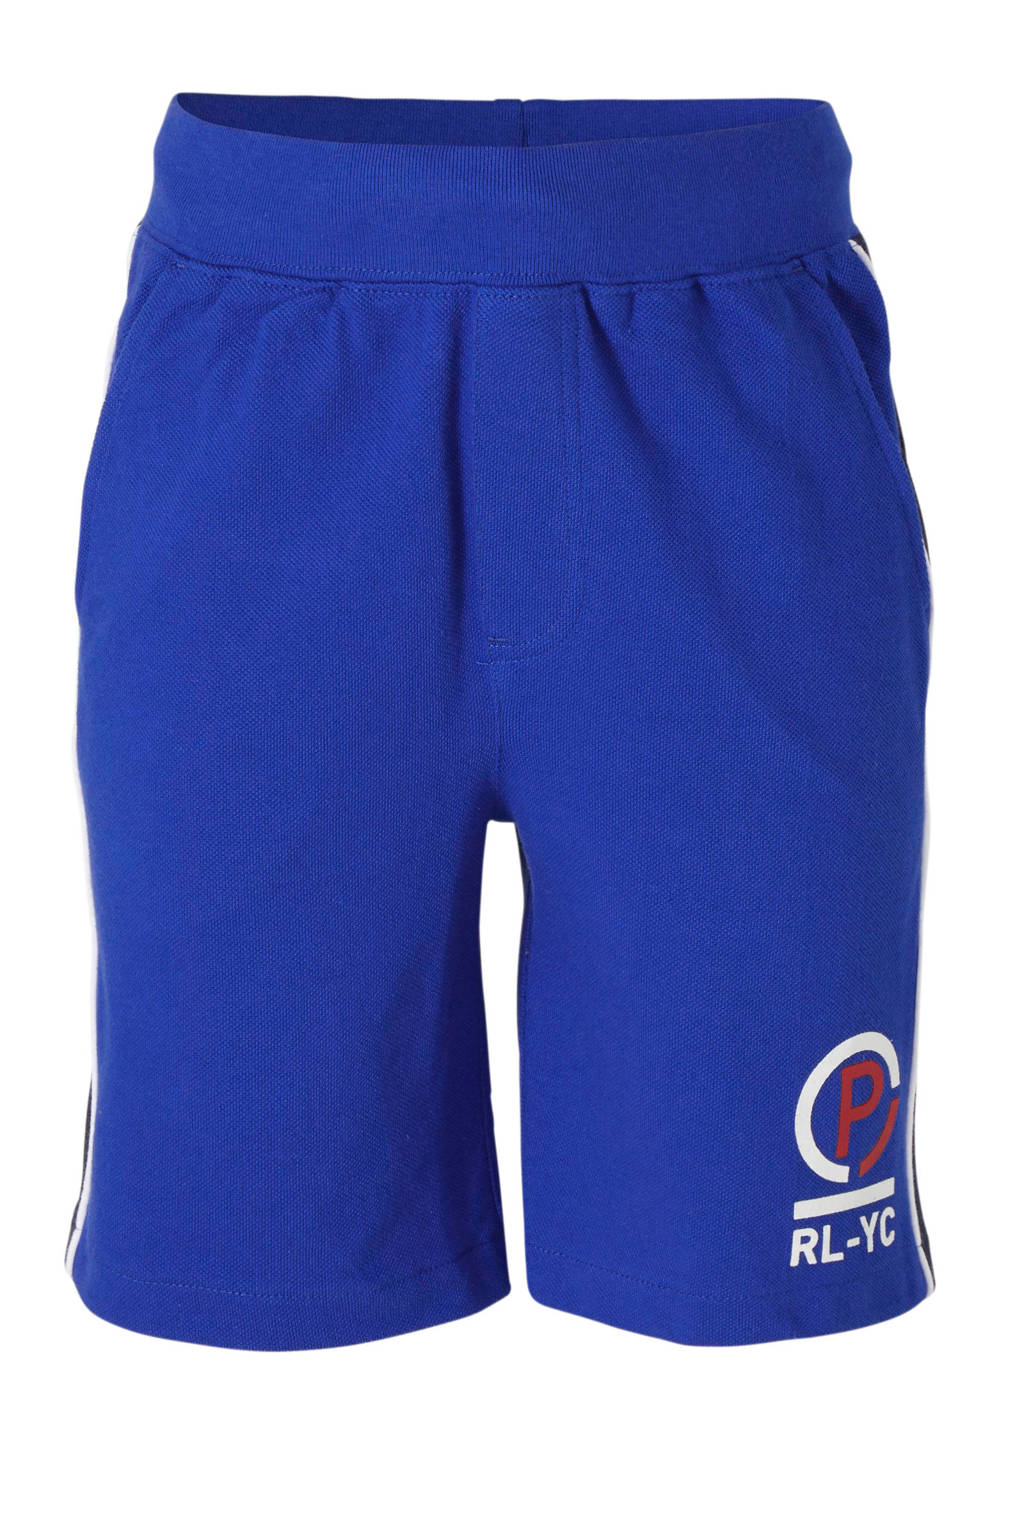 POLO Ralph Lauren short met zijstreep blauw/donkerblauw, Blauw/donkerblauw